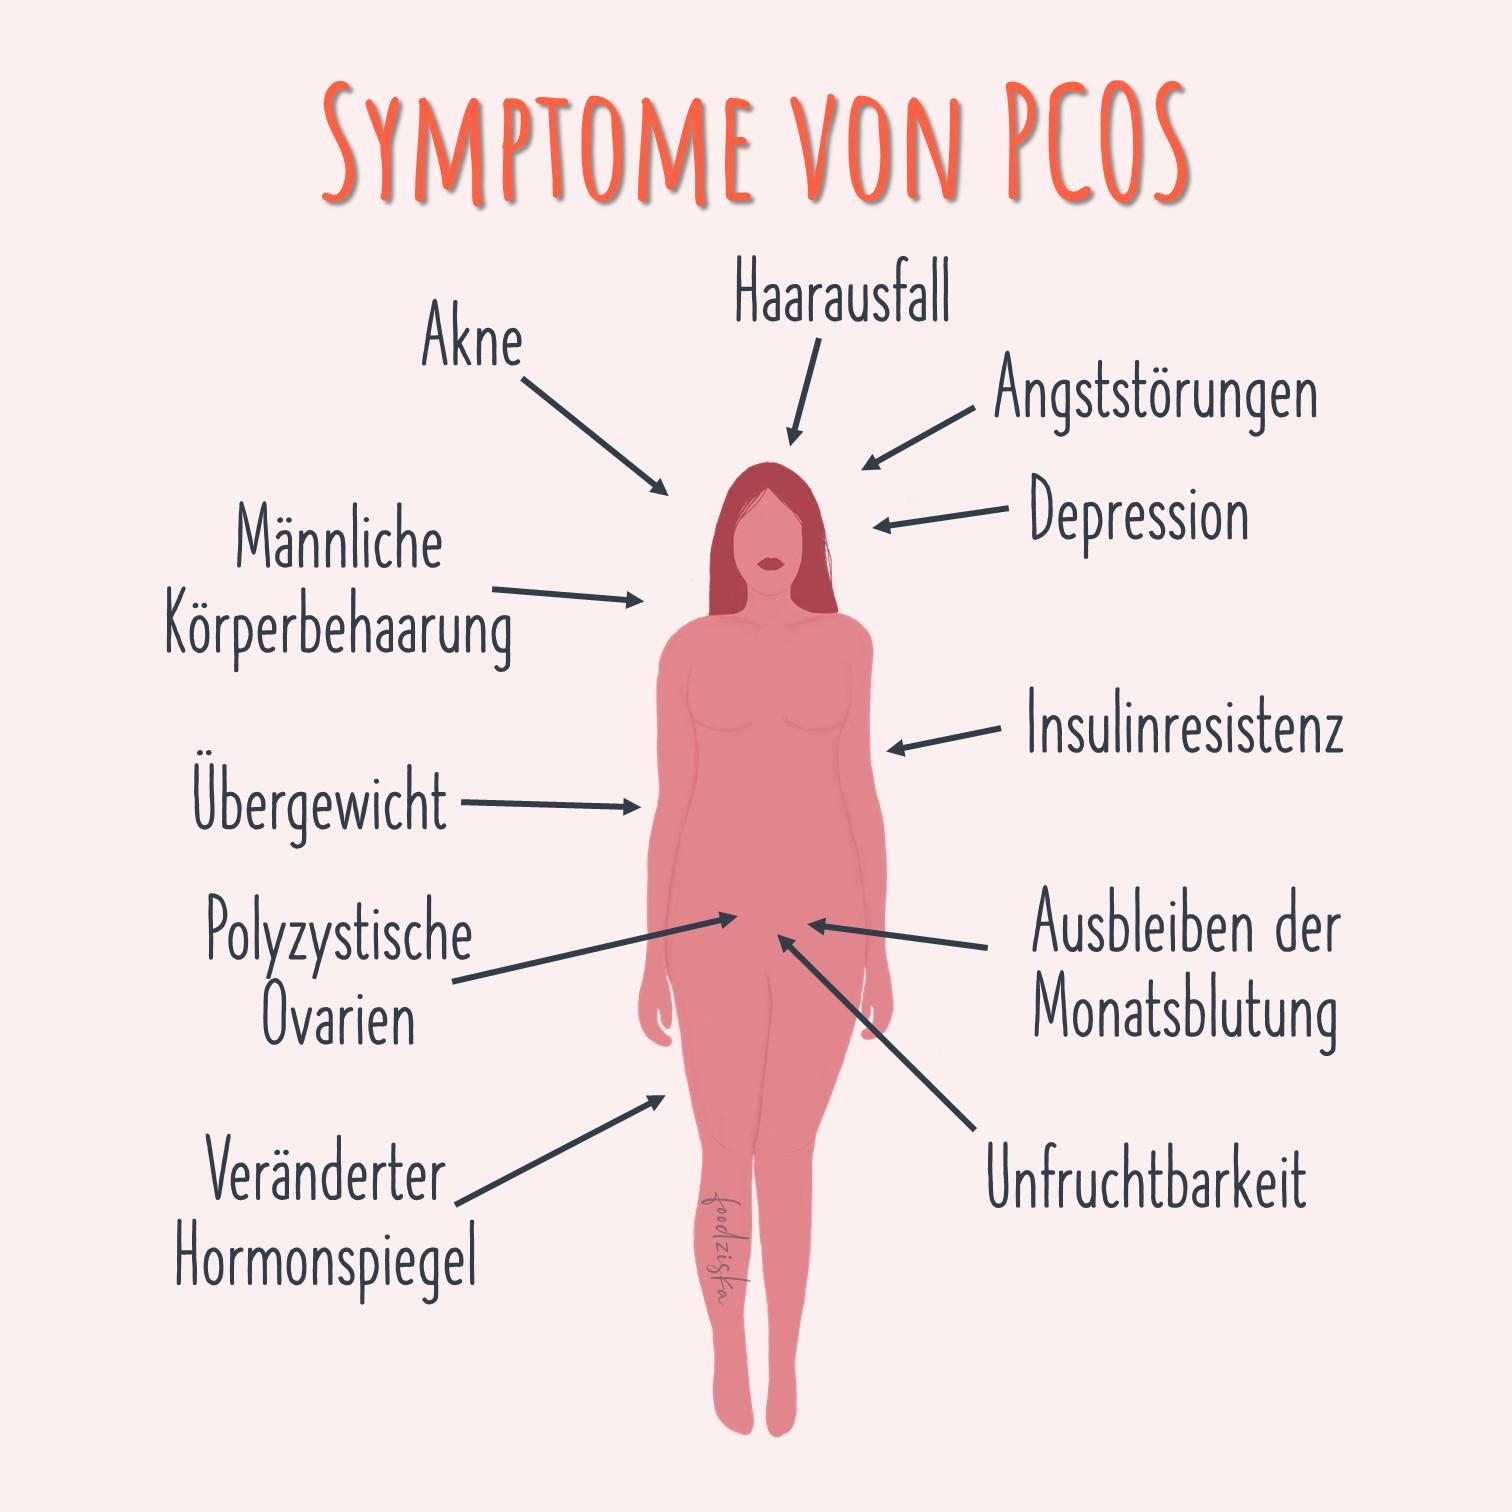 Symptome von PCOS